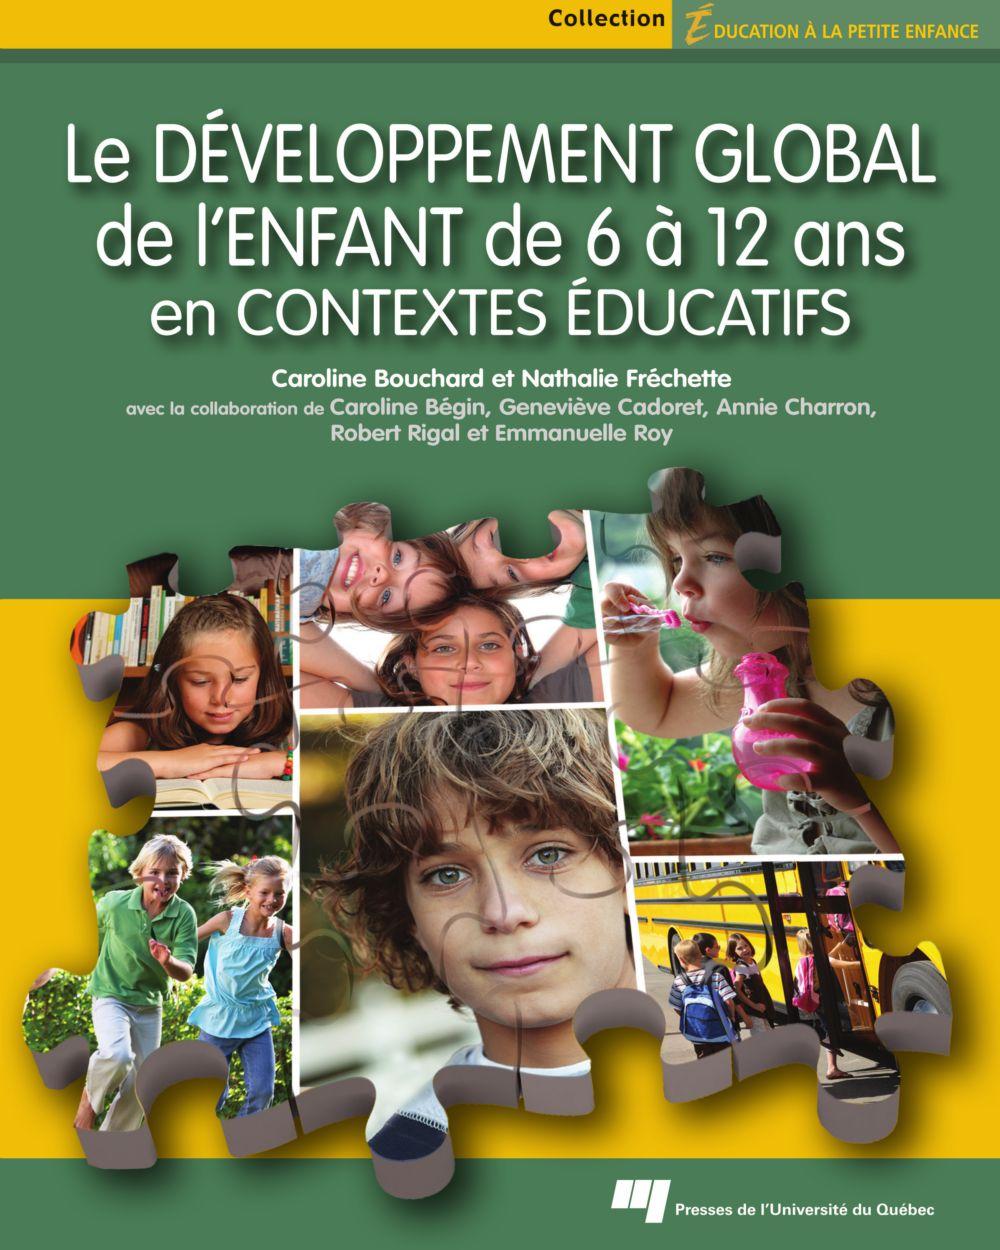 Le développement global de l'enfant de 6 à 12 ans en contextes éducatifs